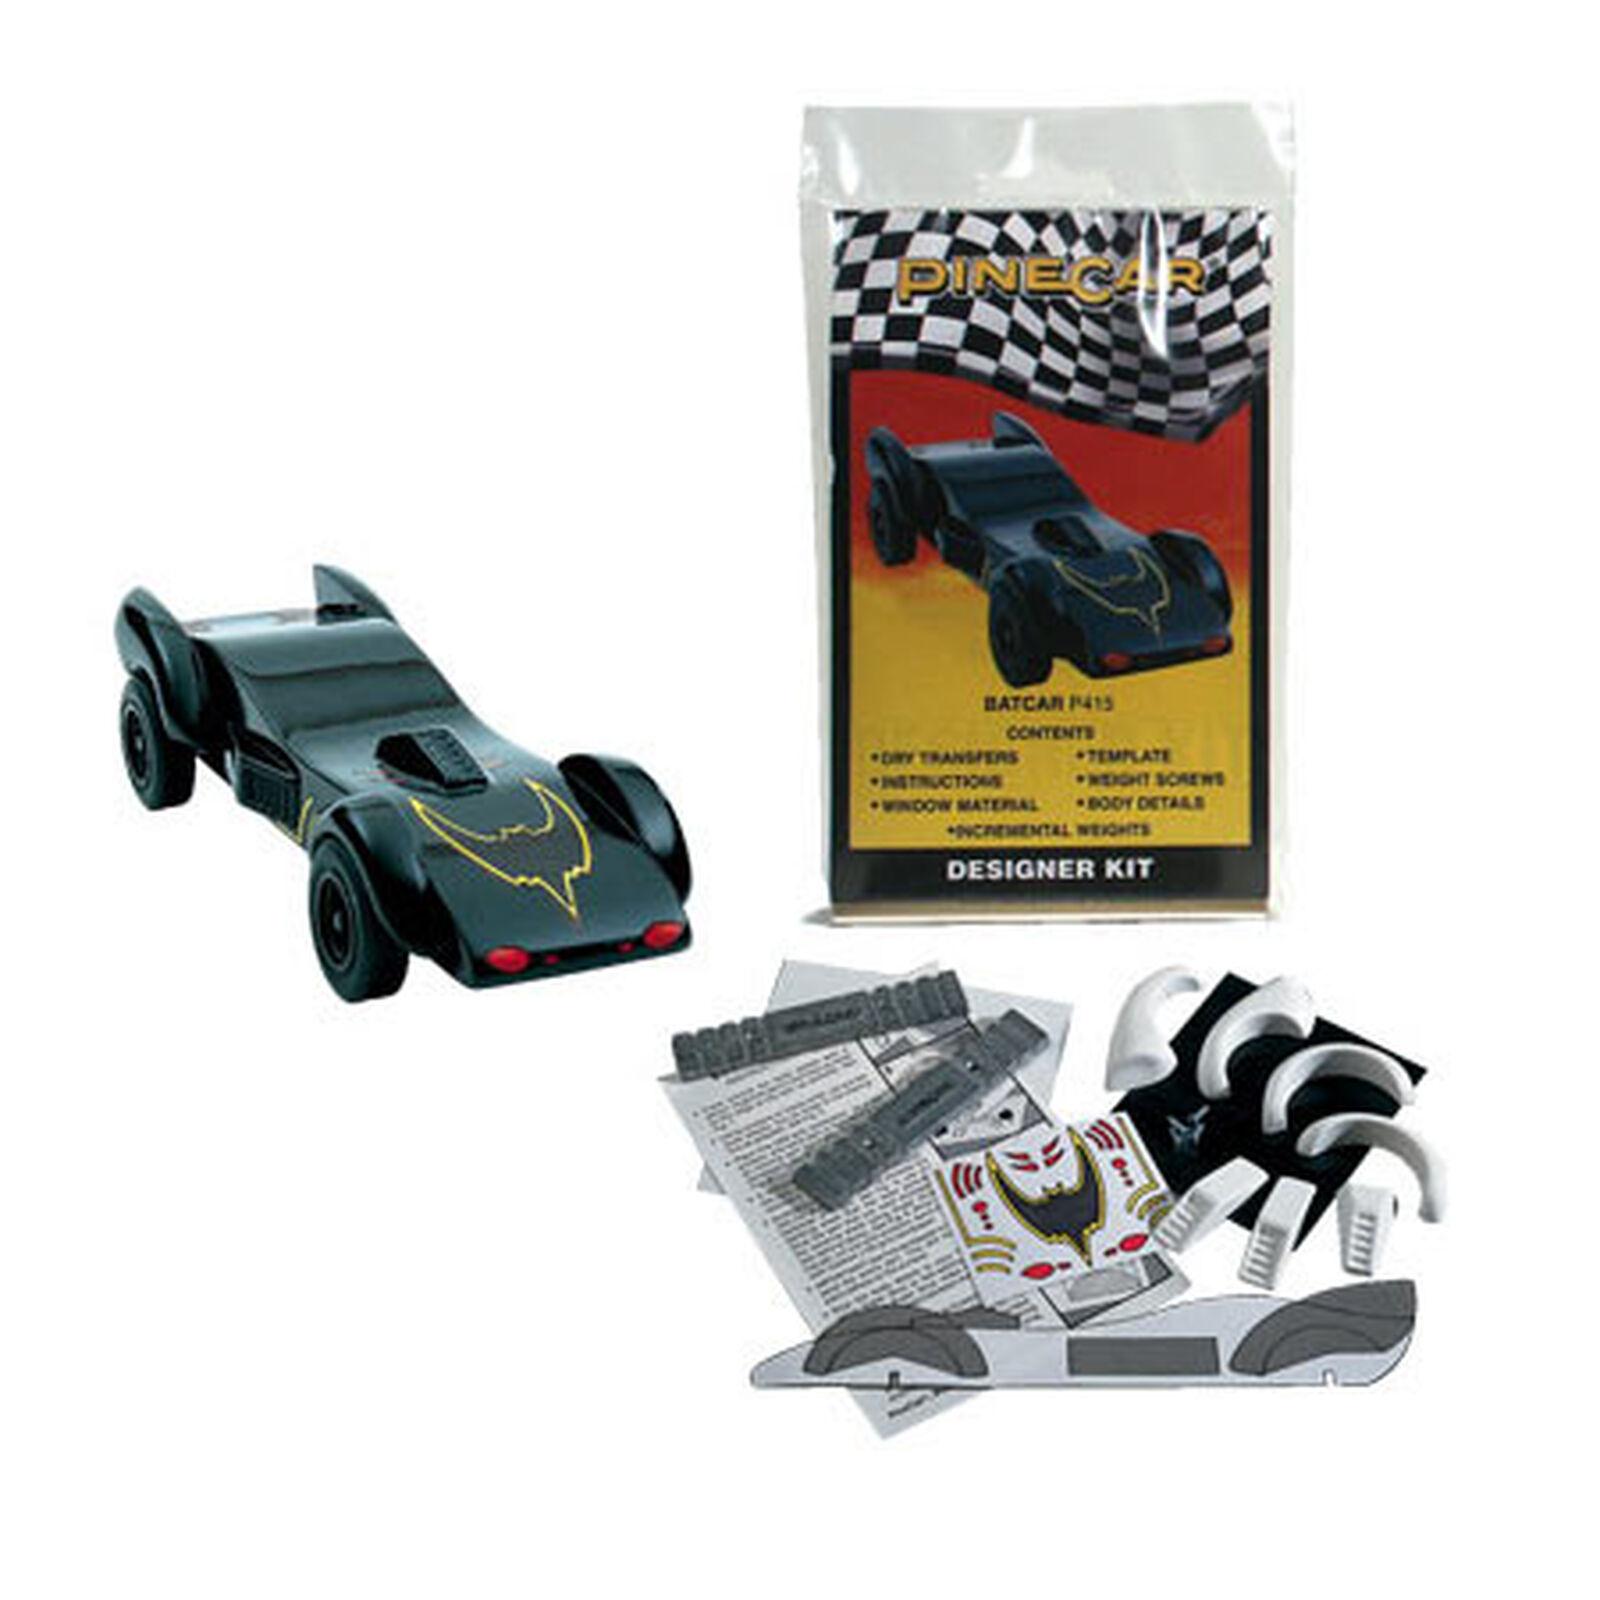 Designer Car Kit, Batcar